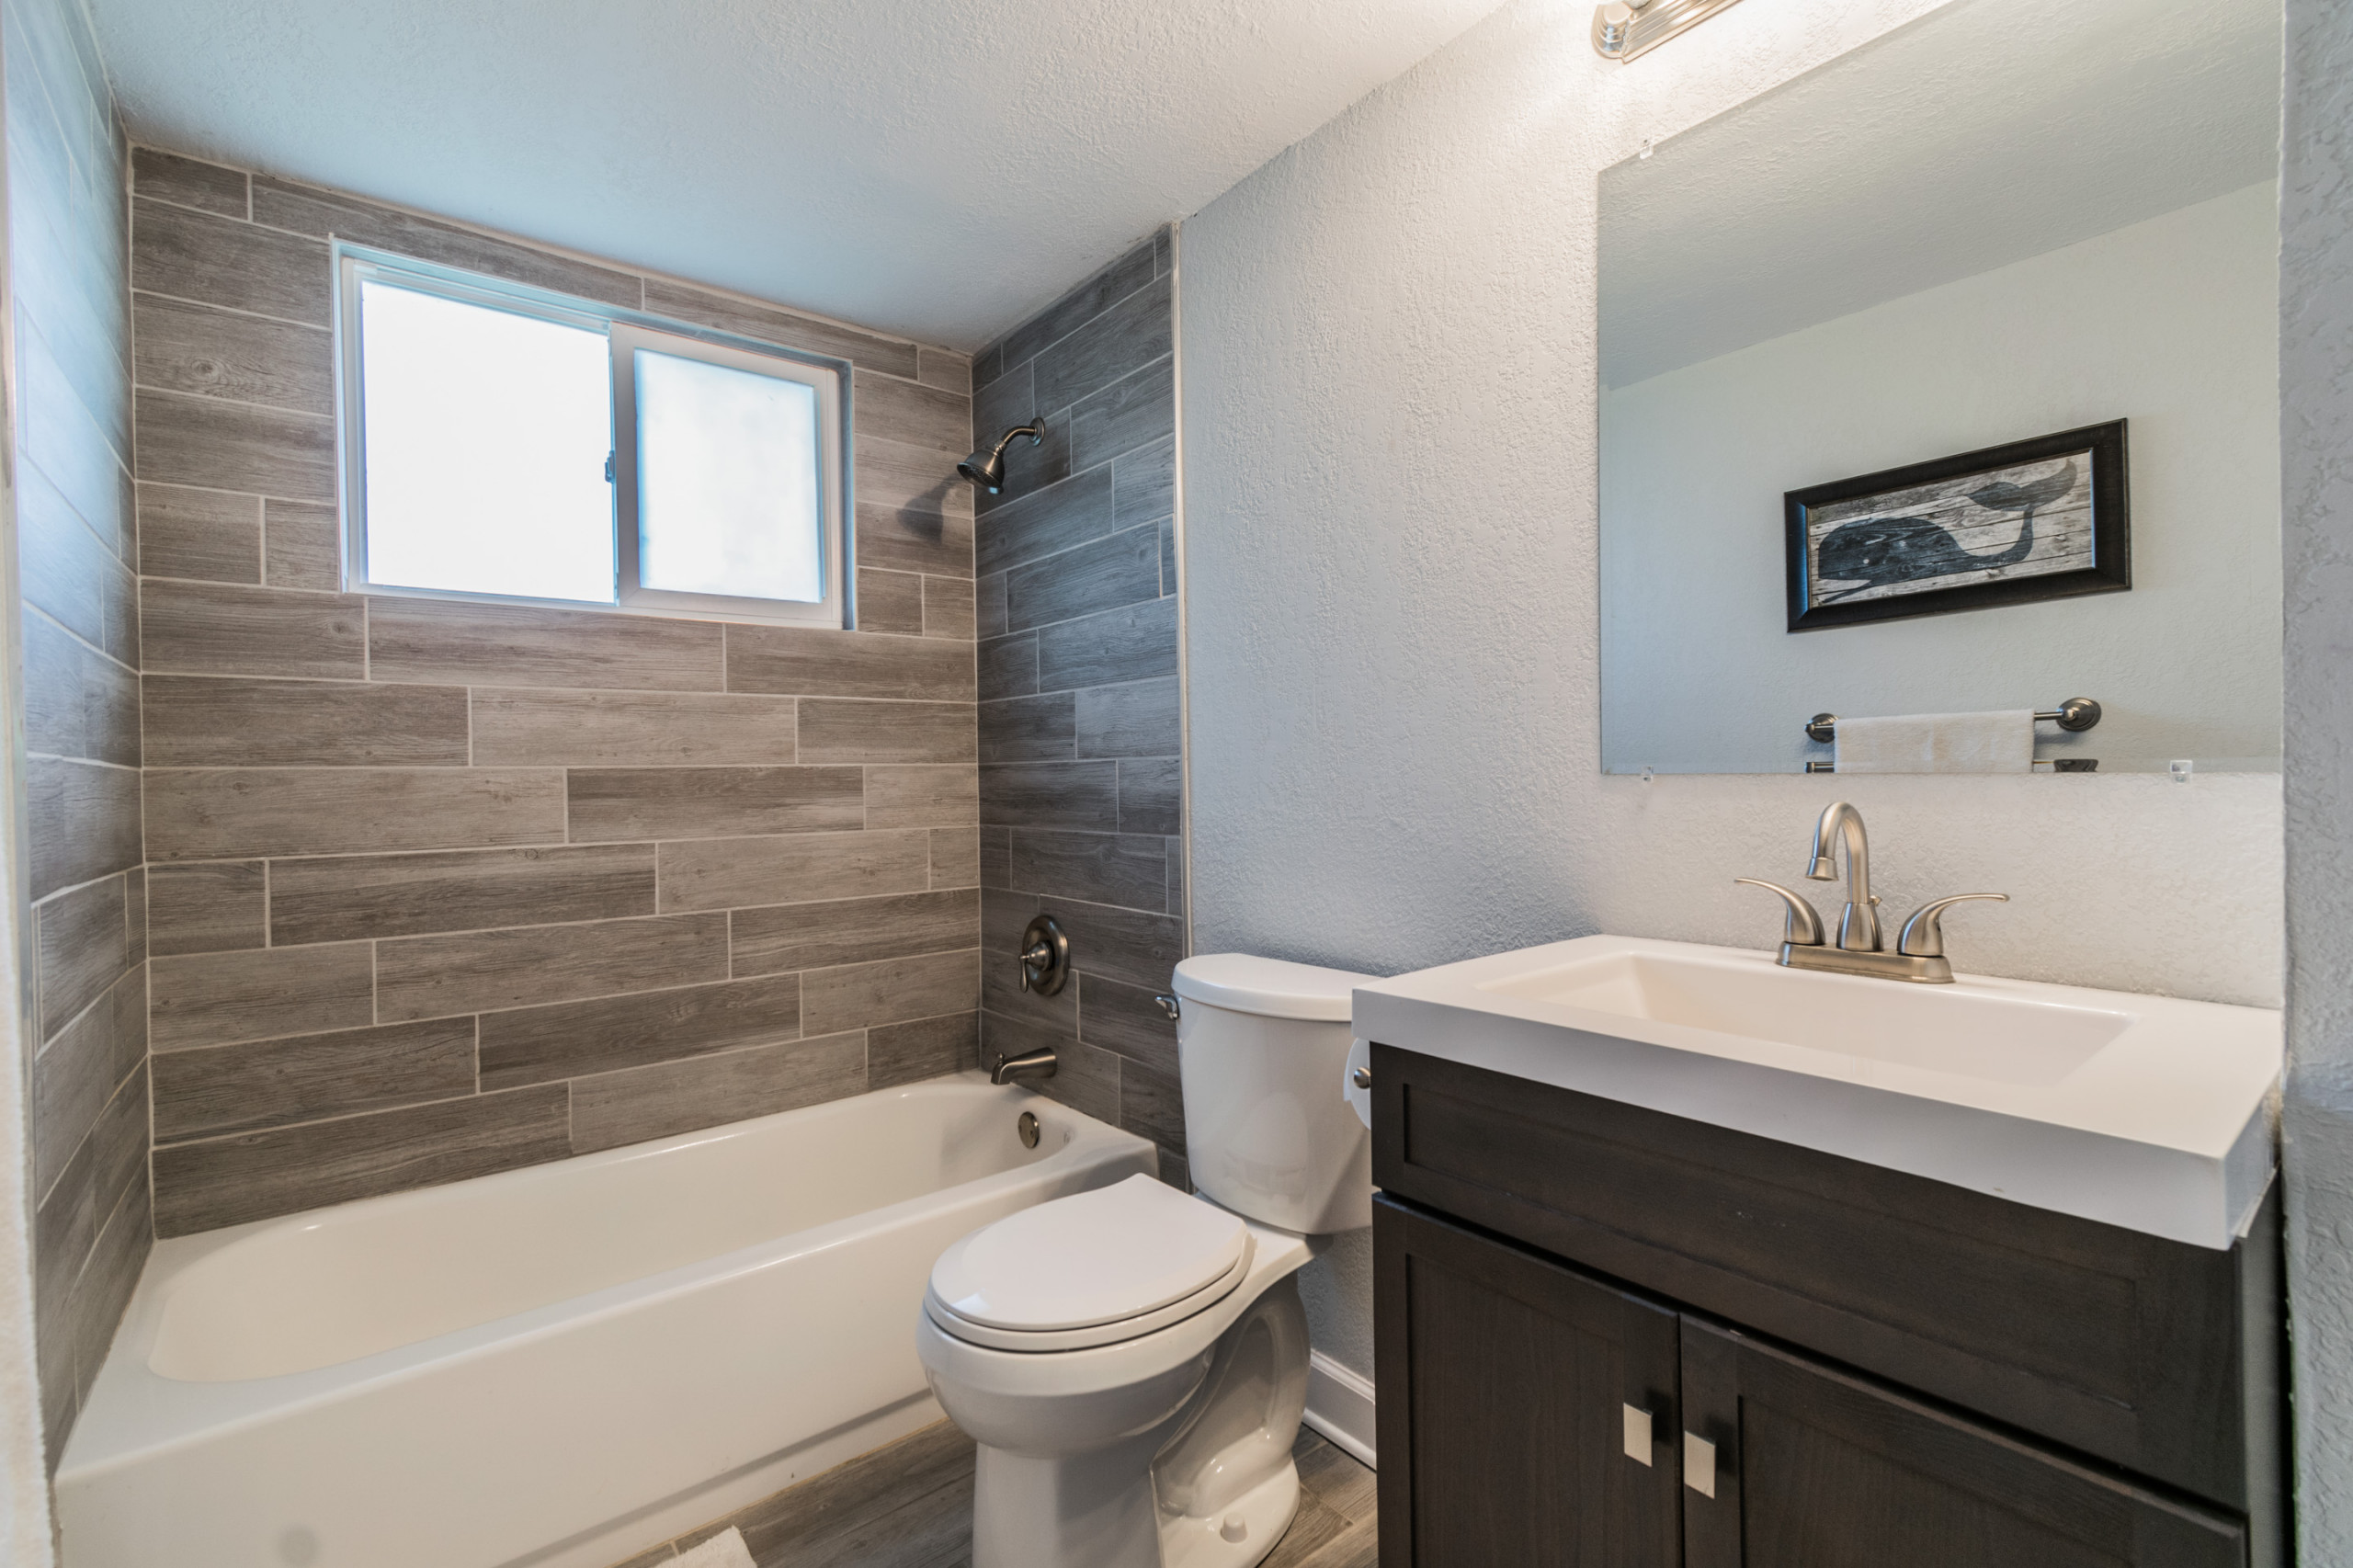 Guest bathroom remodel, wood look tile, shower window